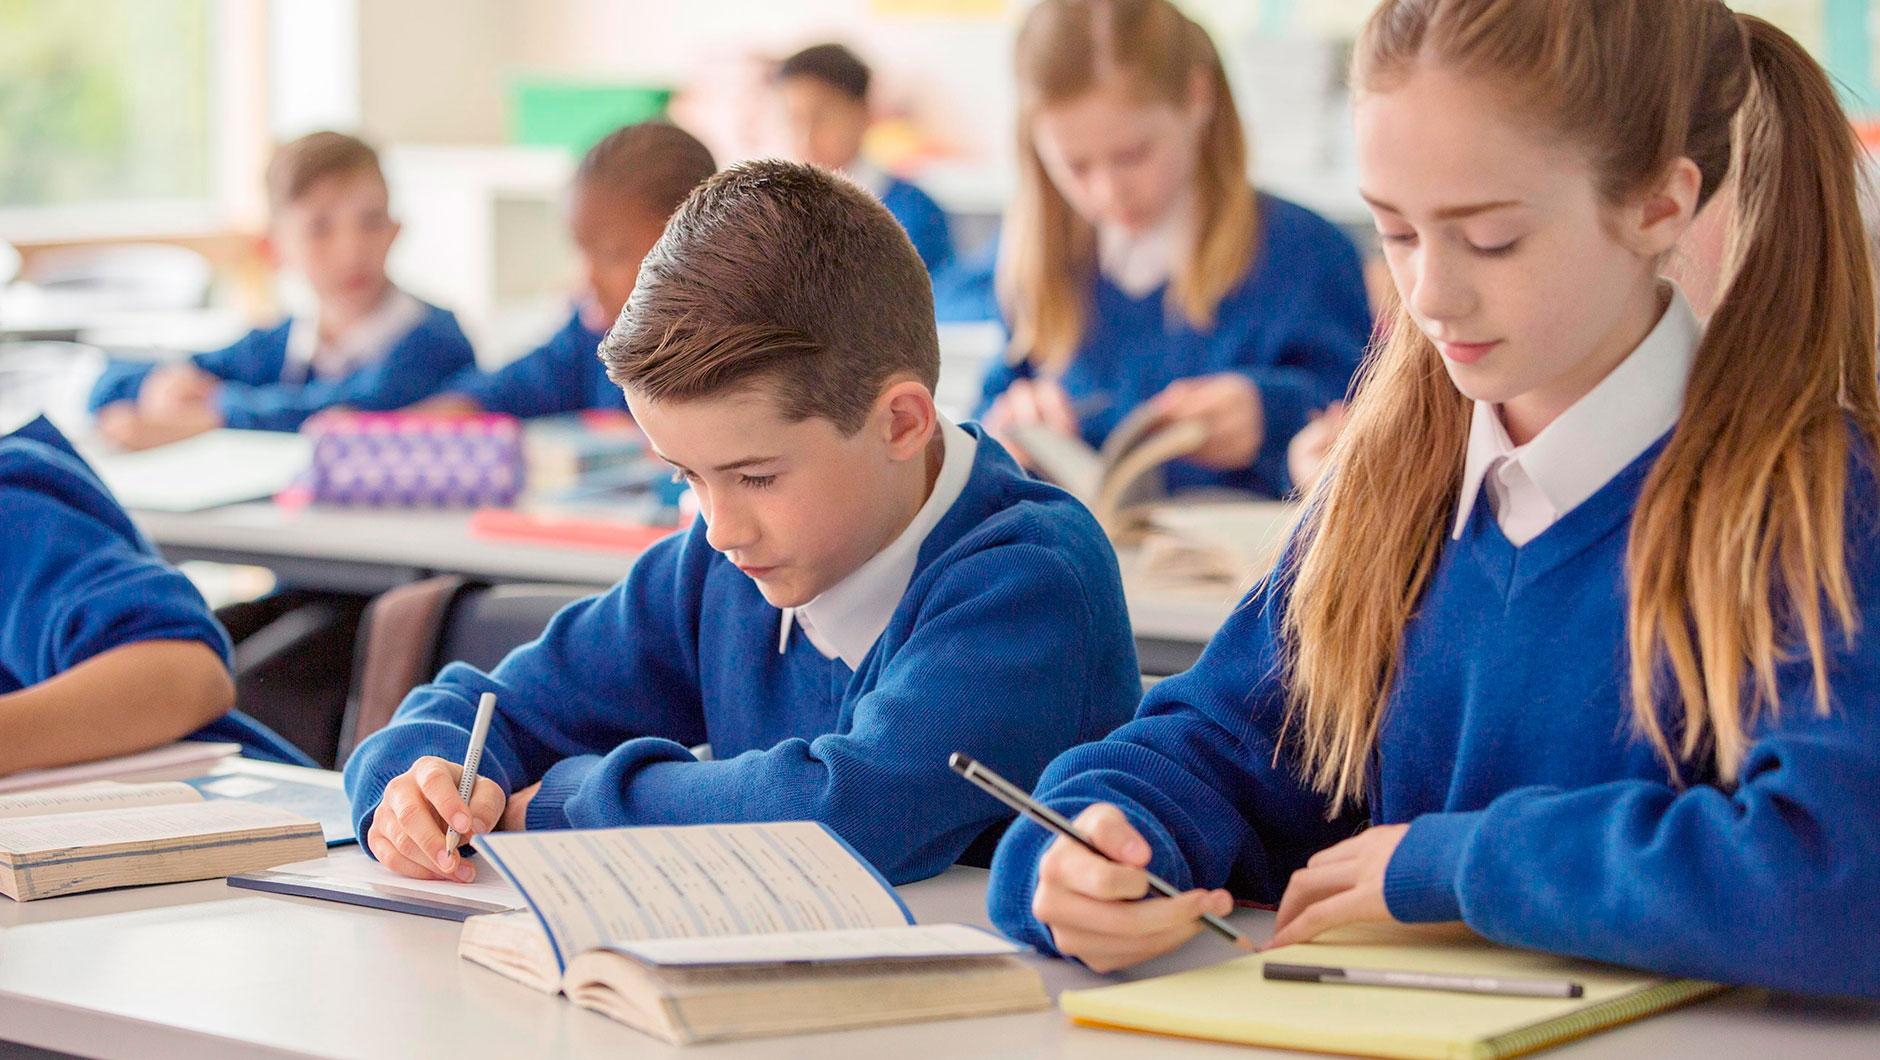 Система оценок в британских школах буквенная: от A* (превосходно) до U (чрезвычайно неудовлетворительно). В частных учебных заведениях практикуют и вторую оценку – за усердие, от 1 (активная работа и интерес к предмету) до 5 (ученик совсем не старается). Такая система очень удобна для учеников и родителей. Она как бы восстанавливает справедливость в том случае, когда один предмет не дается, несмотря на большие старания, а низкие отметки окончательно демотивируют